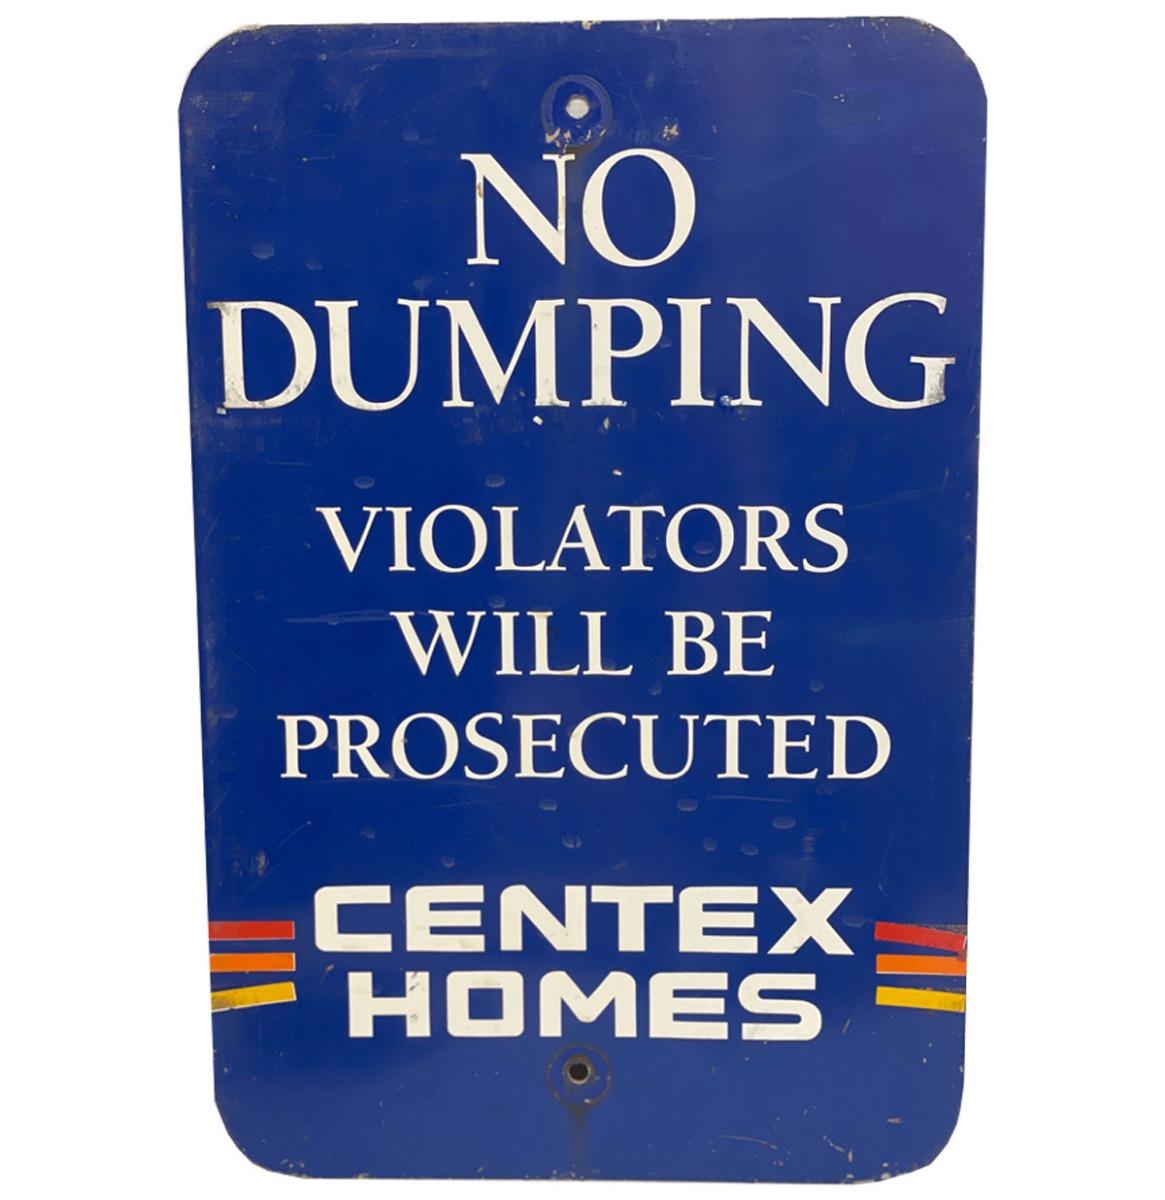 No Dumping, Violators Will Be Prosecuted - Centex Homes Straatbord - Origineel